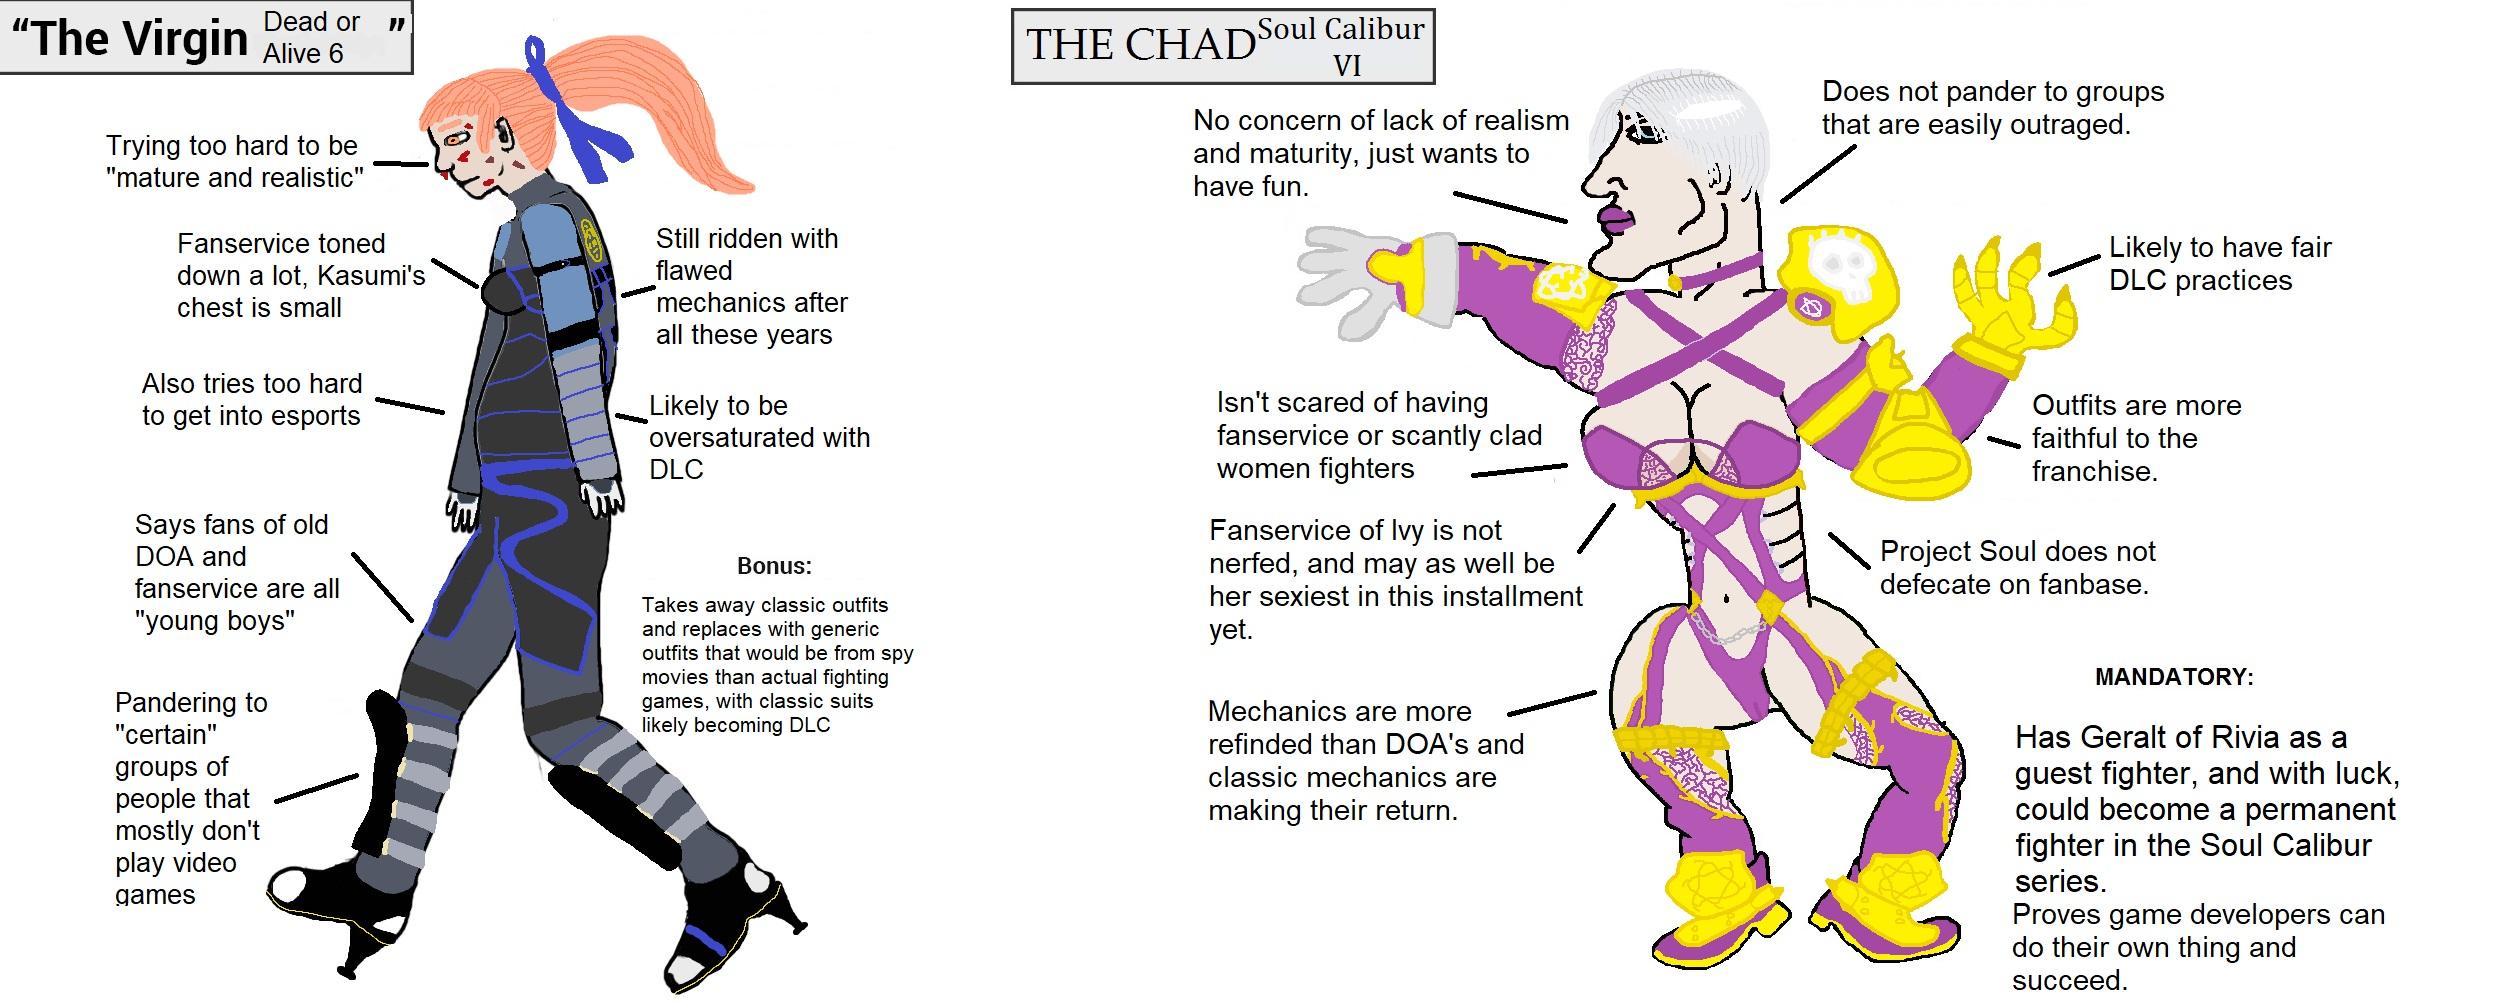 The Virgin Dead or Alive 6 vs  The Chad Soul Calibur VI